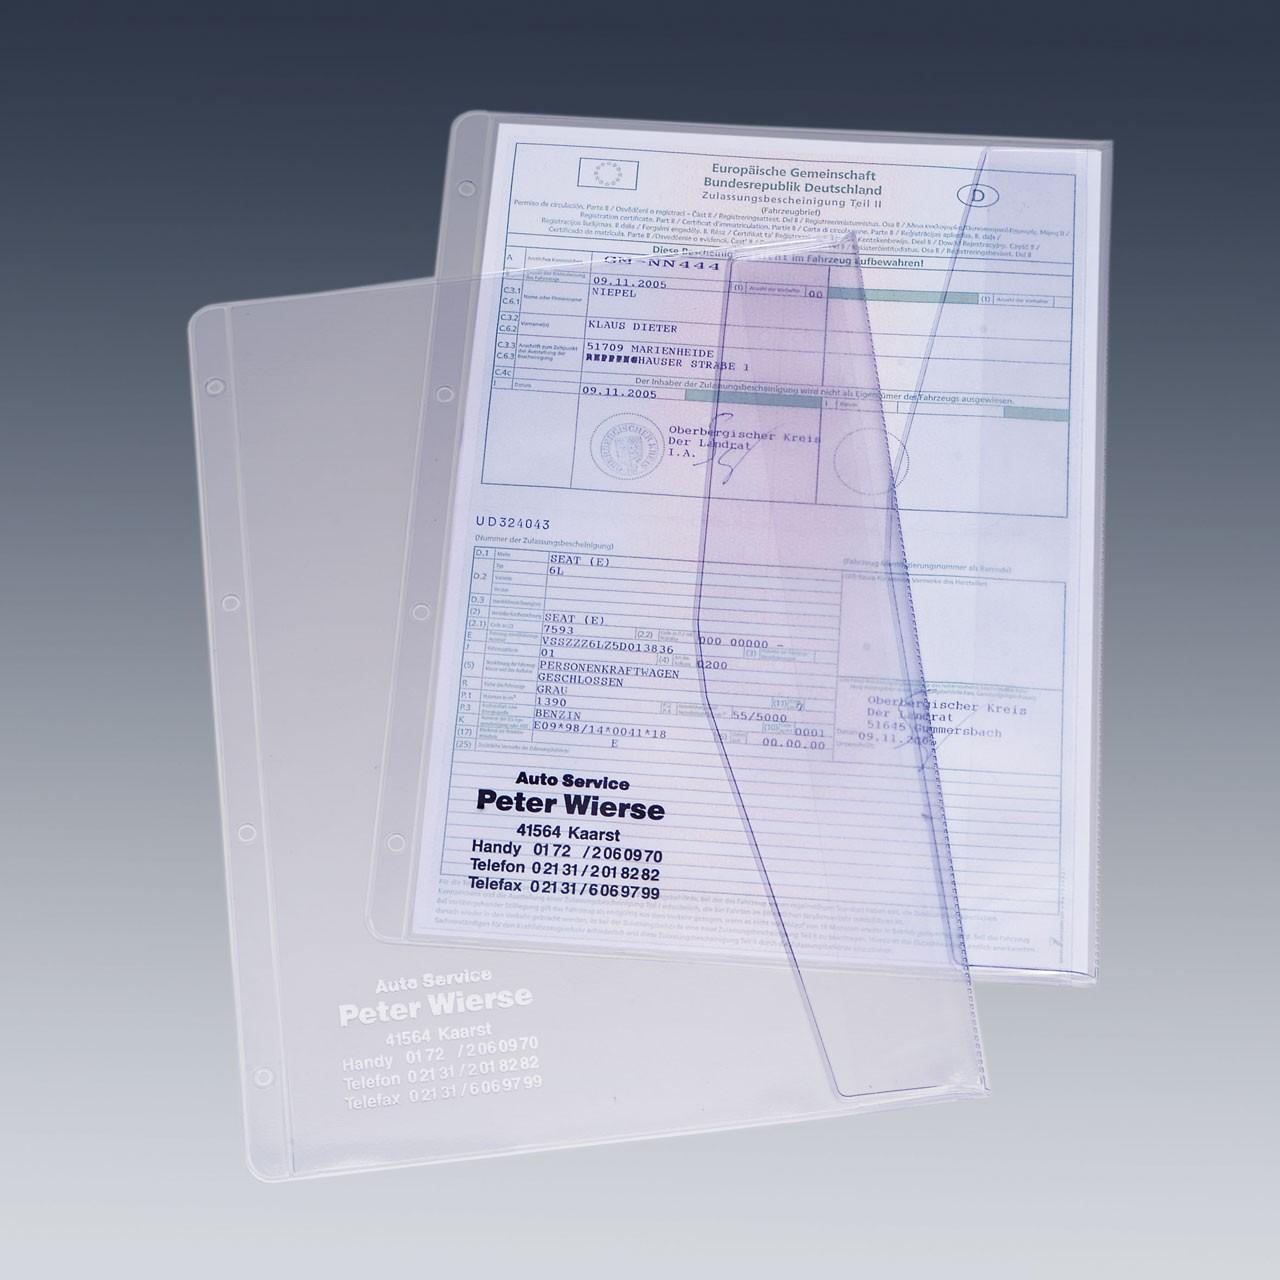 Dokumentenhülle für DIN A4 Formate, mit Firmeneindruck | Kfz-Schein ...